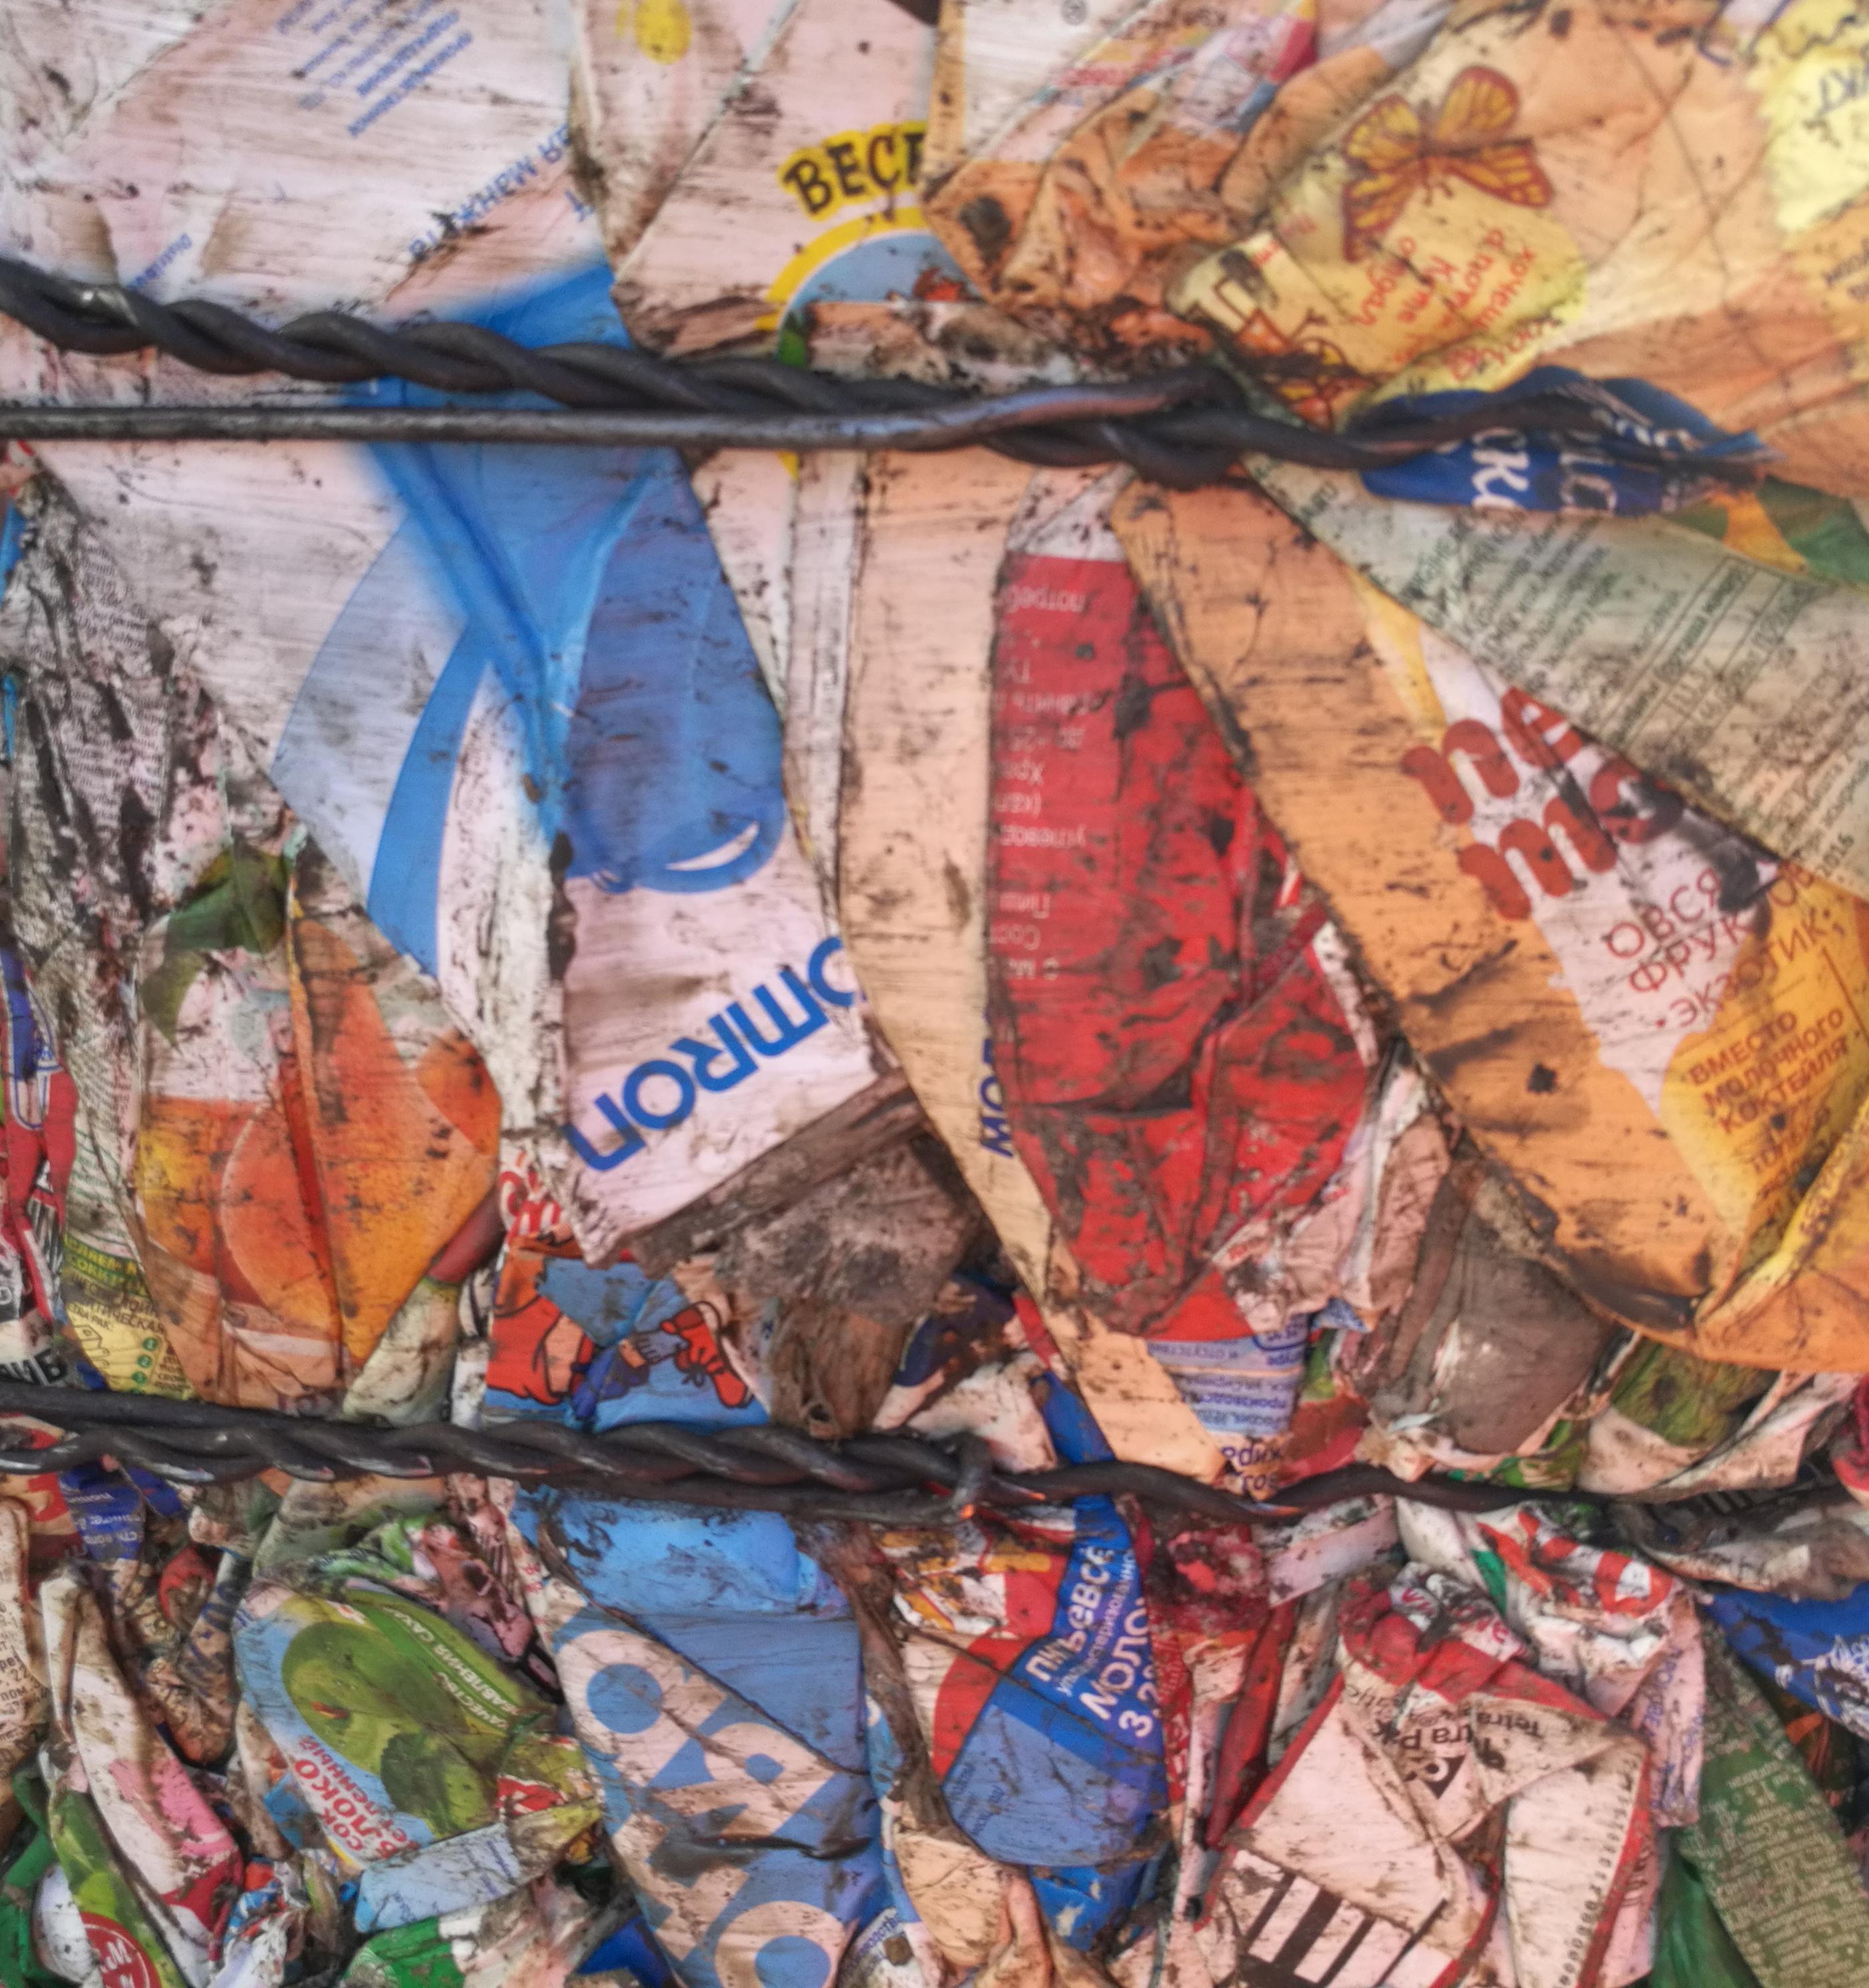 Как оператор по обращению с отходами «ЭкоЛайн» сортирует московский мусор